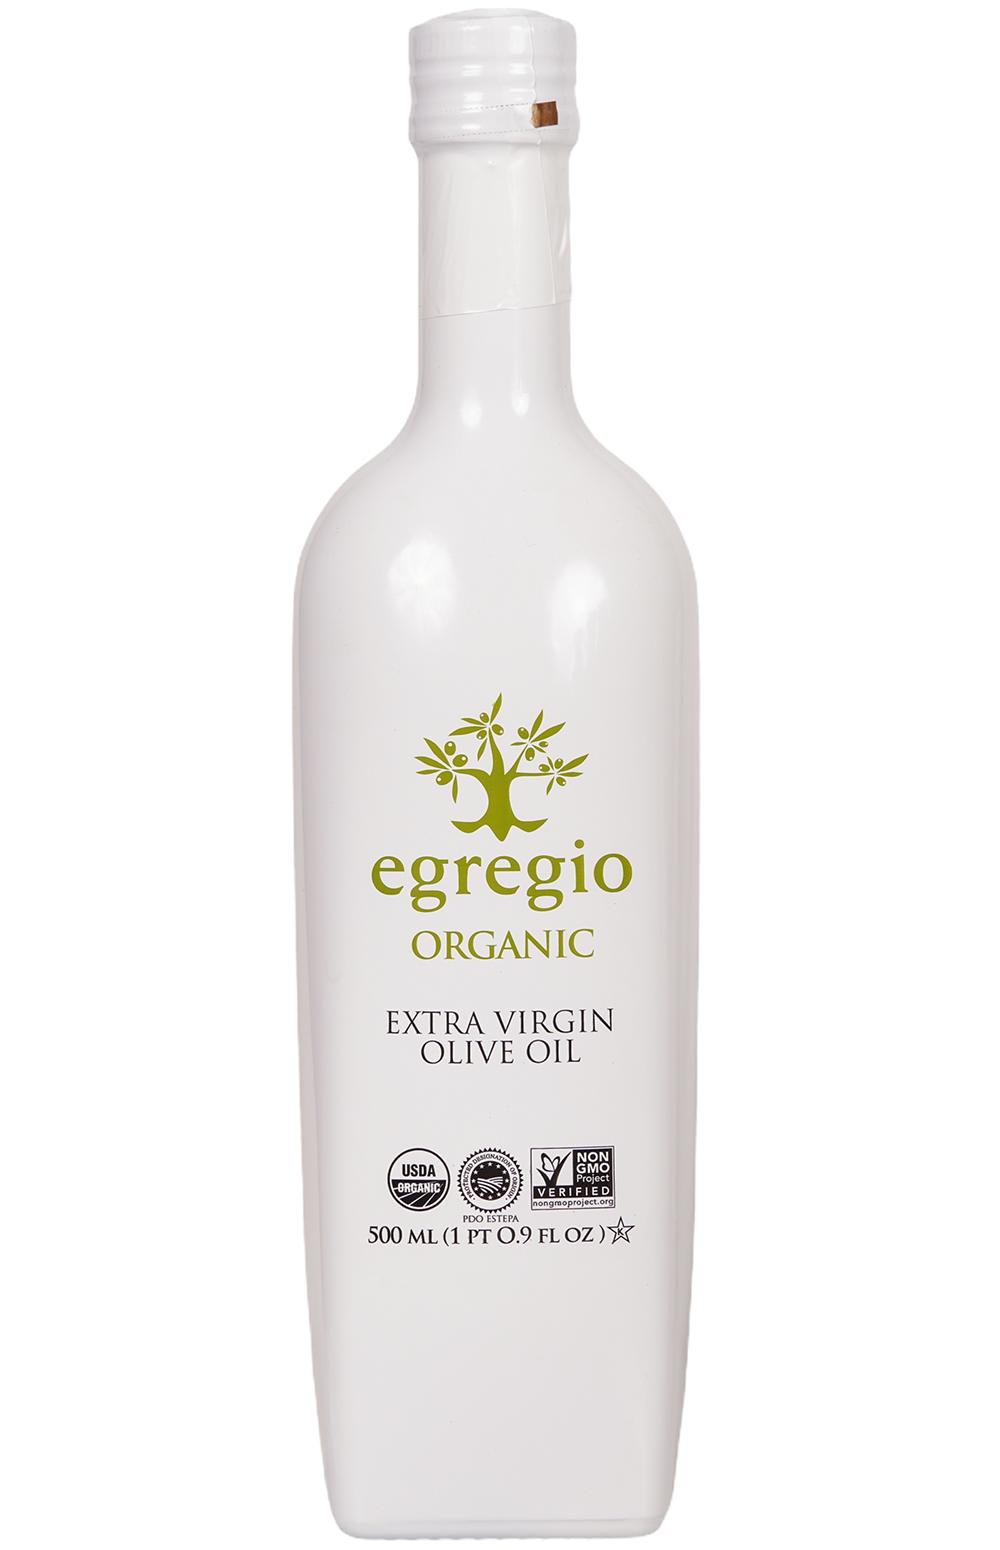 Egregio Organic